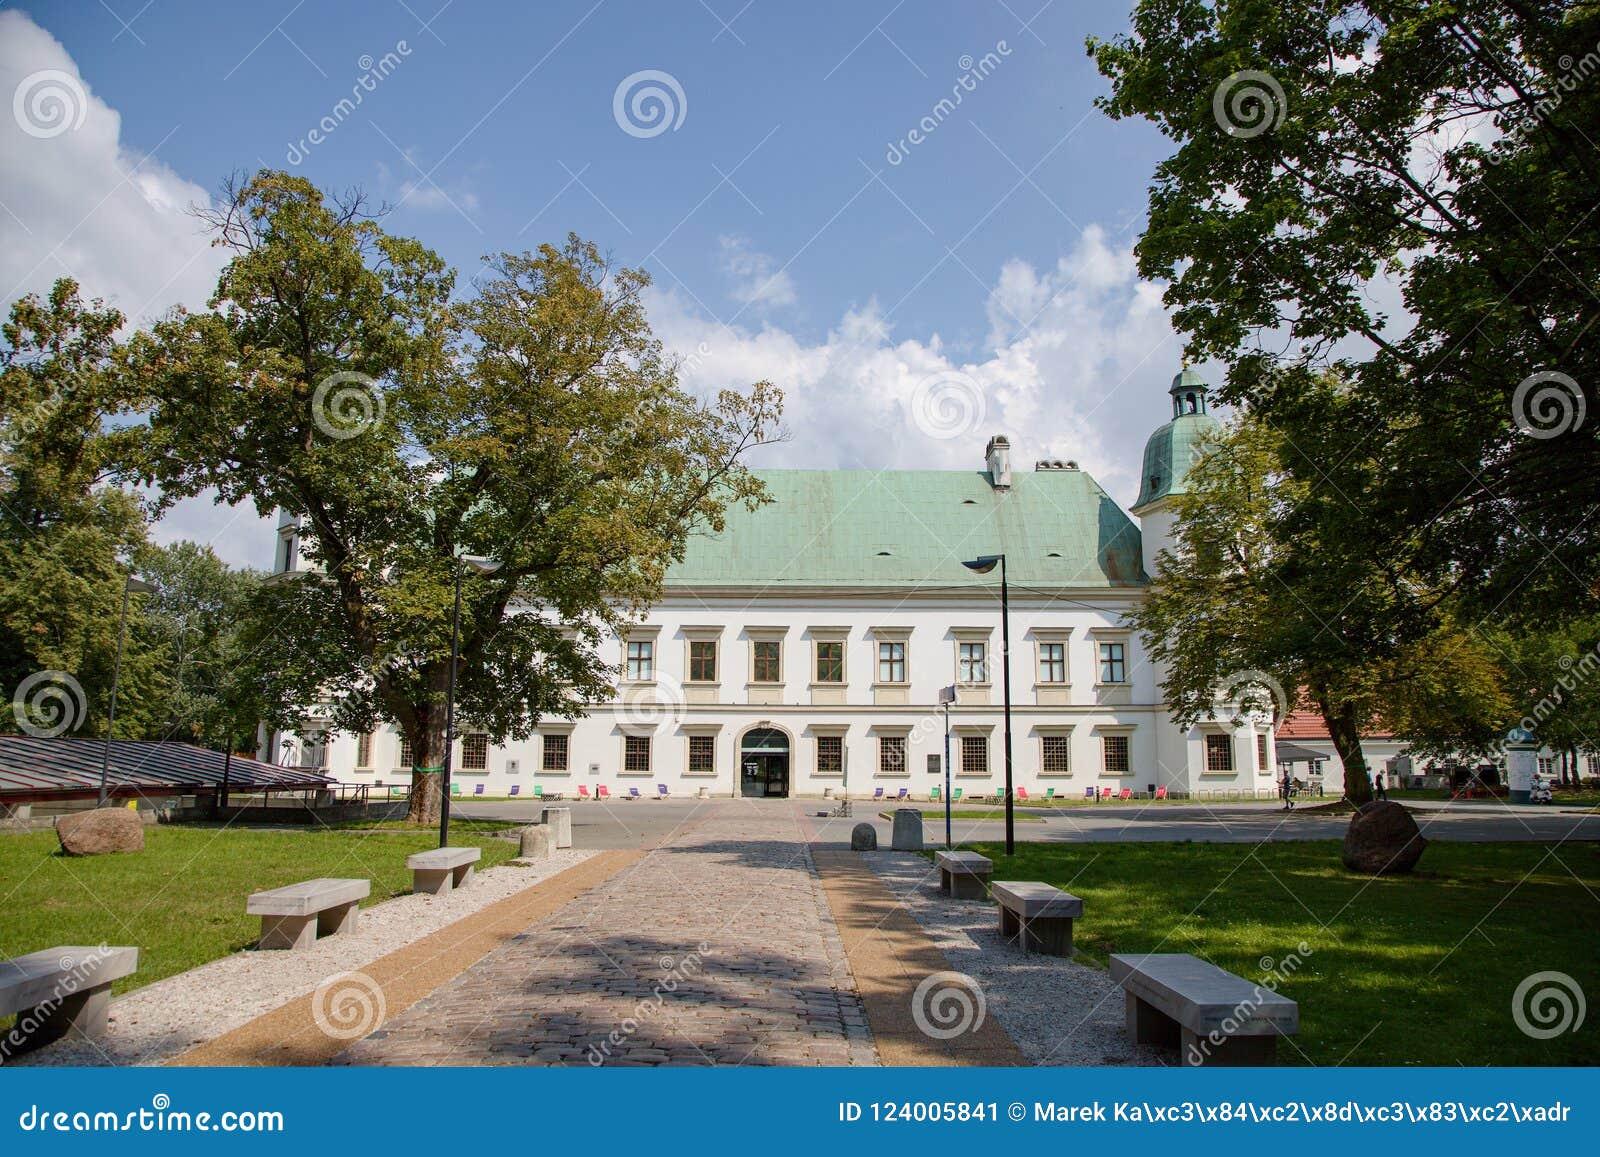 Ujazdà ³ w kasztel w Warszawa w Polska, Europa